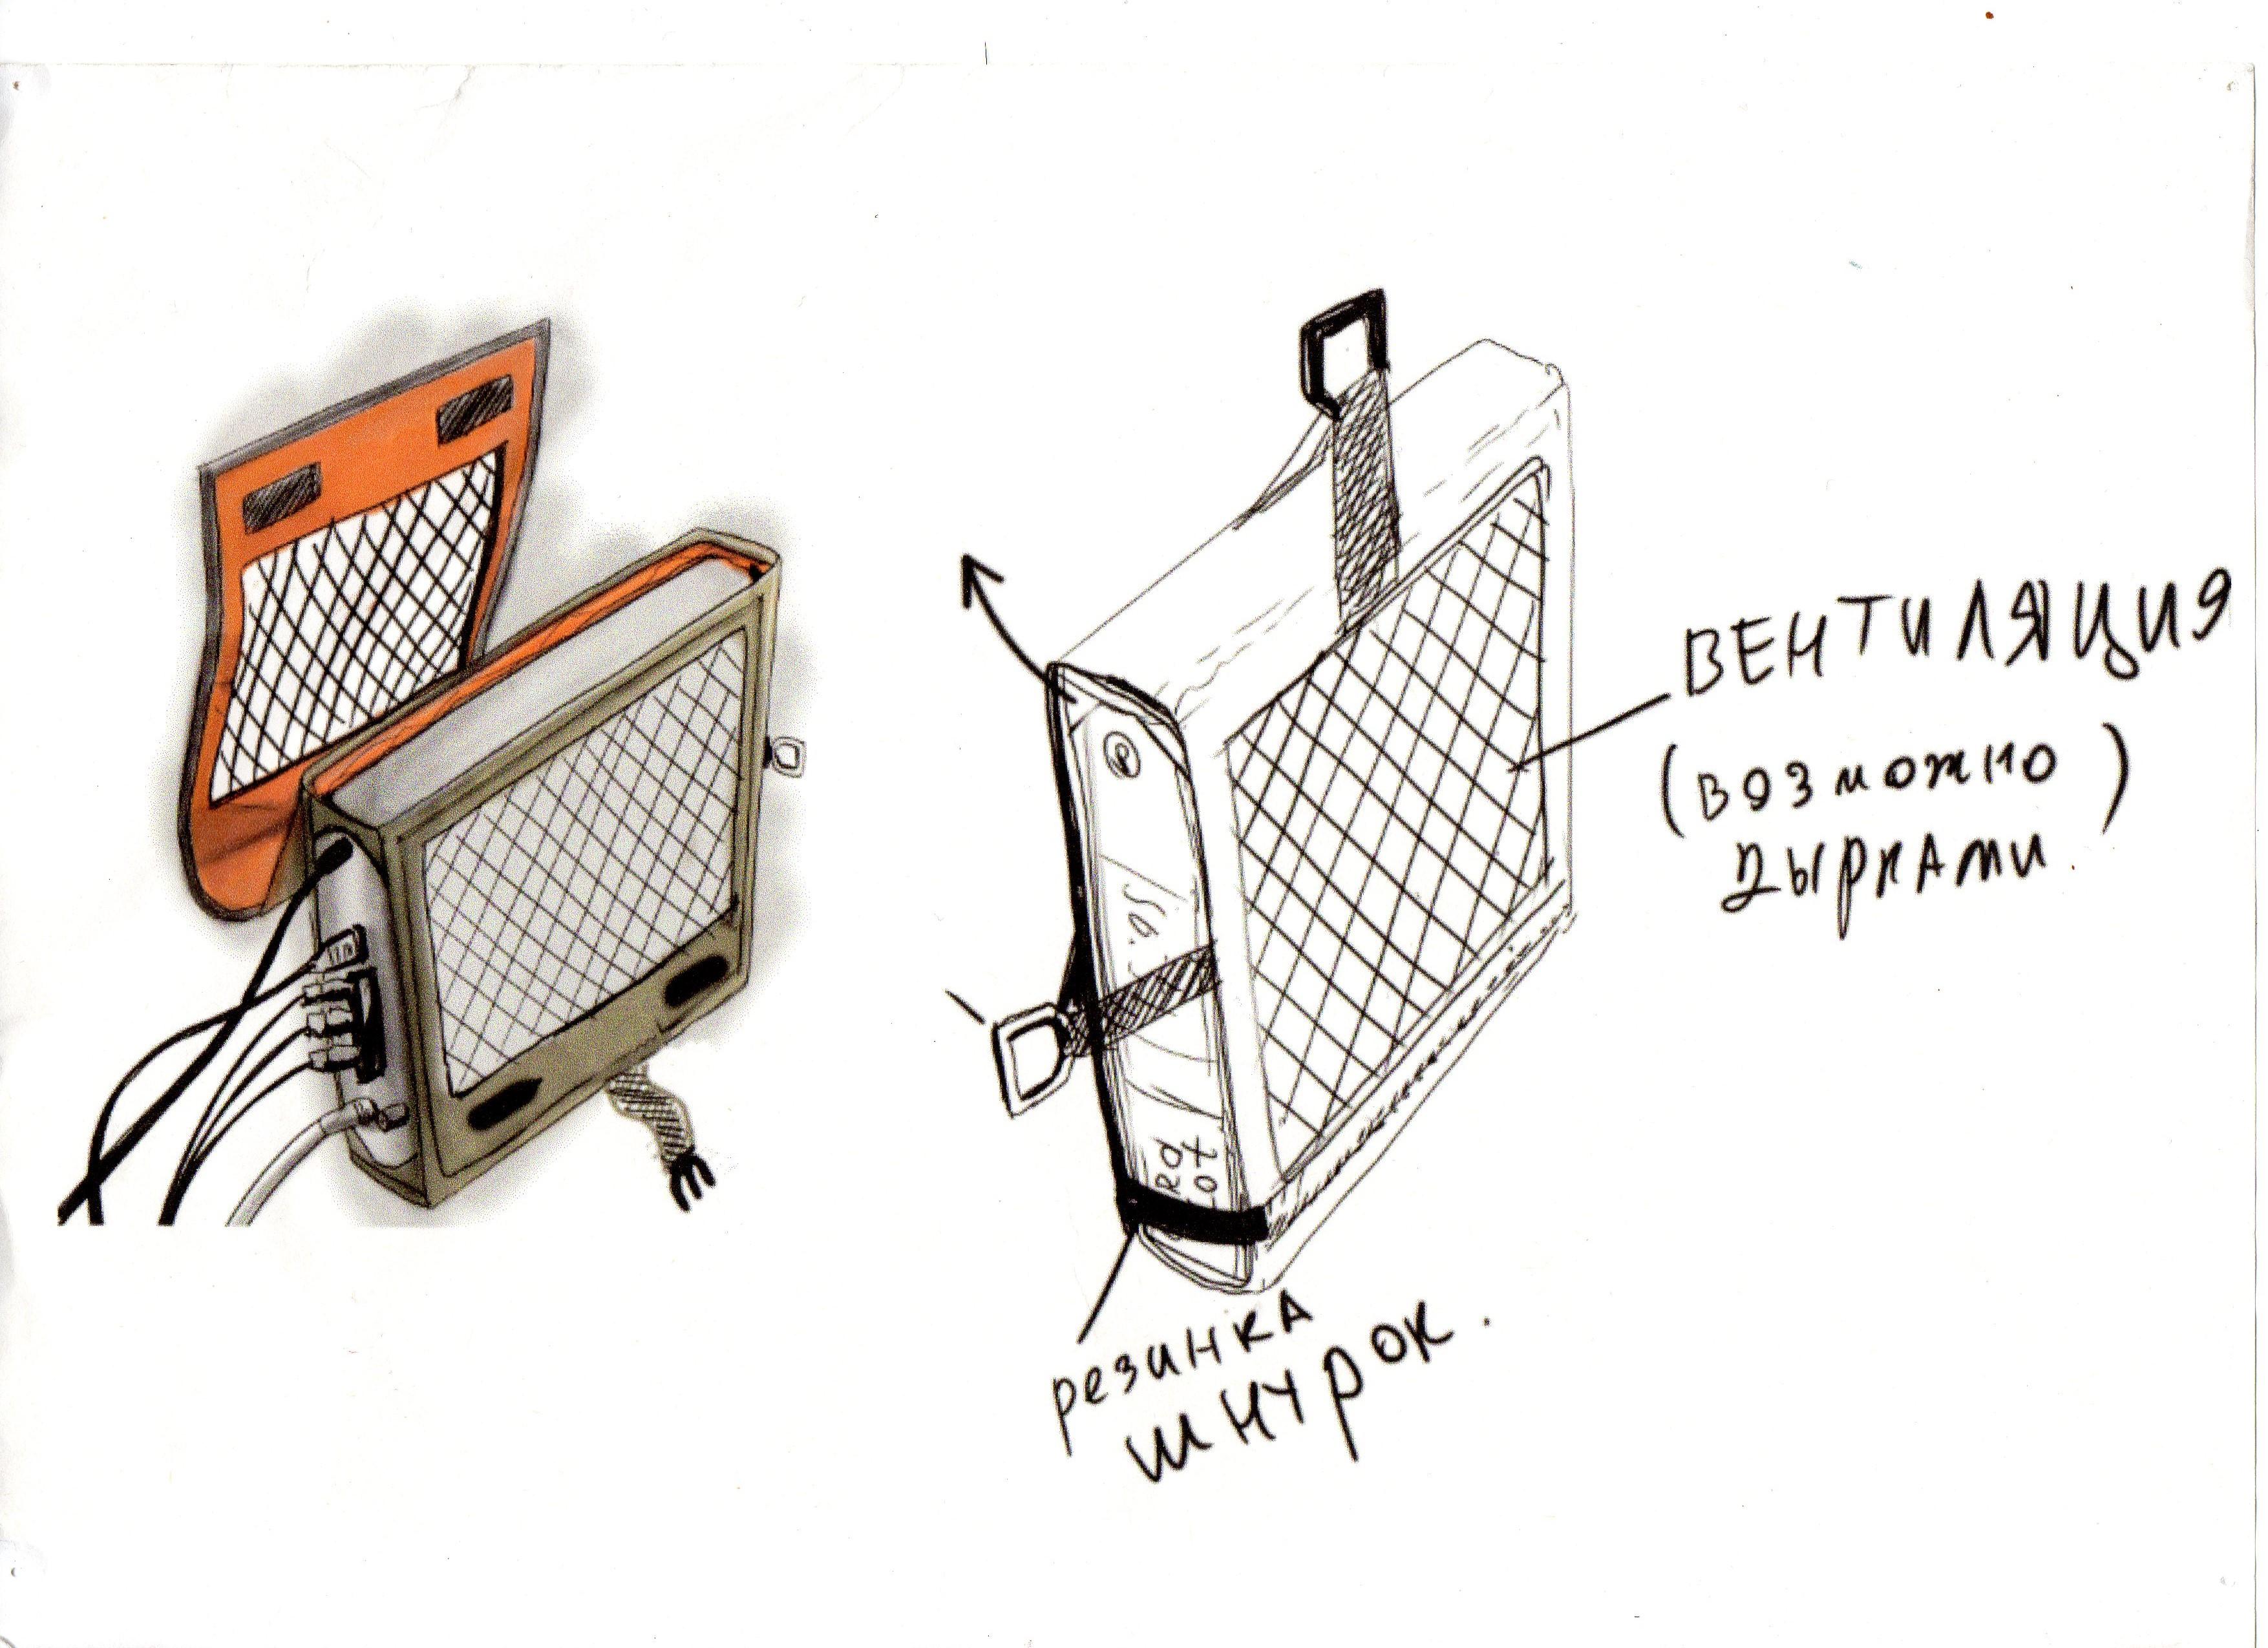 Чехол для спутникового приемника - вариант 2